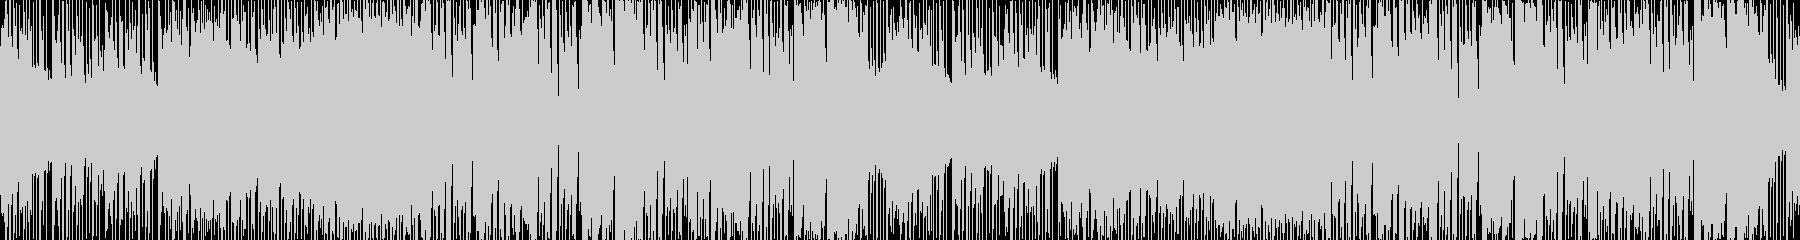 ハッピーでキュートなFutureBassの未再生の波形